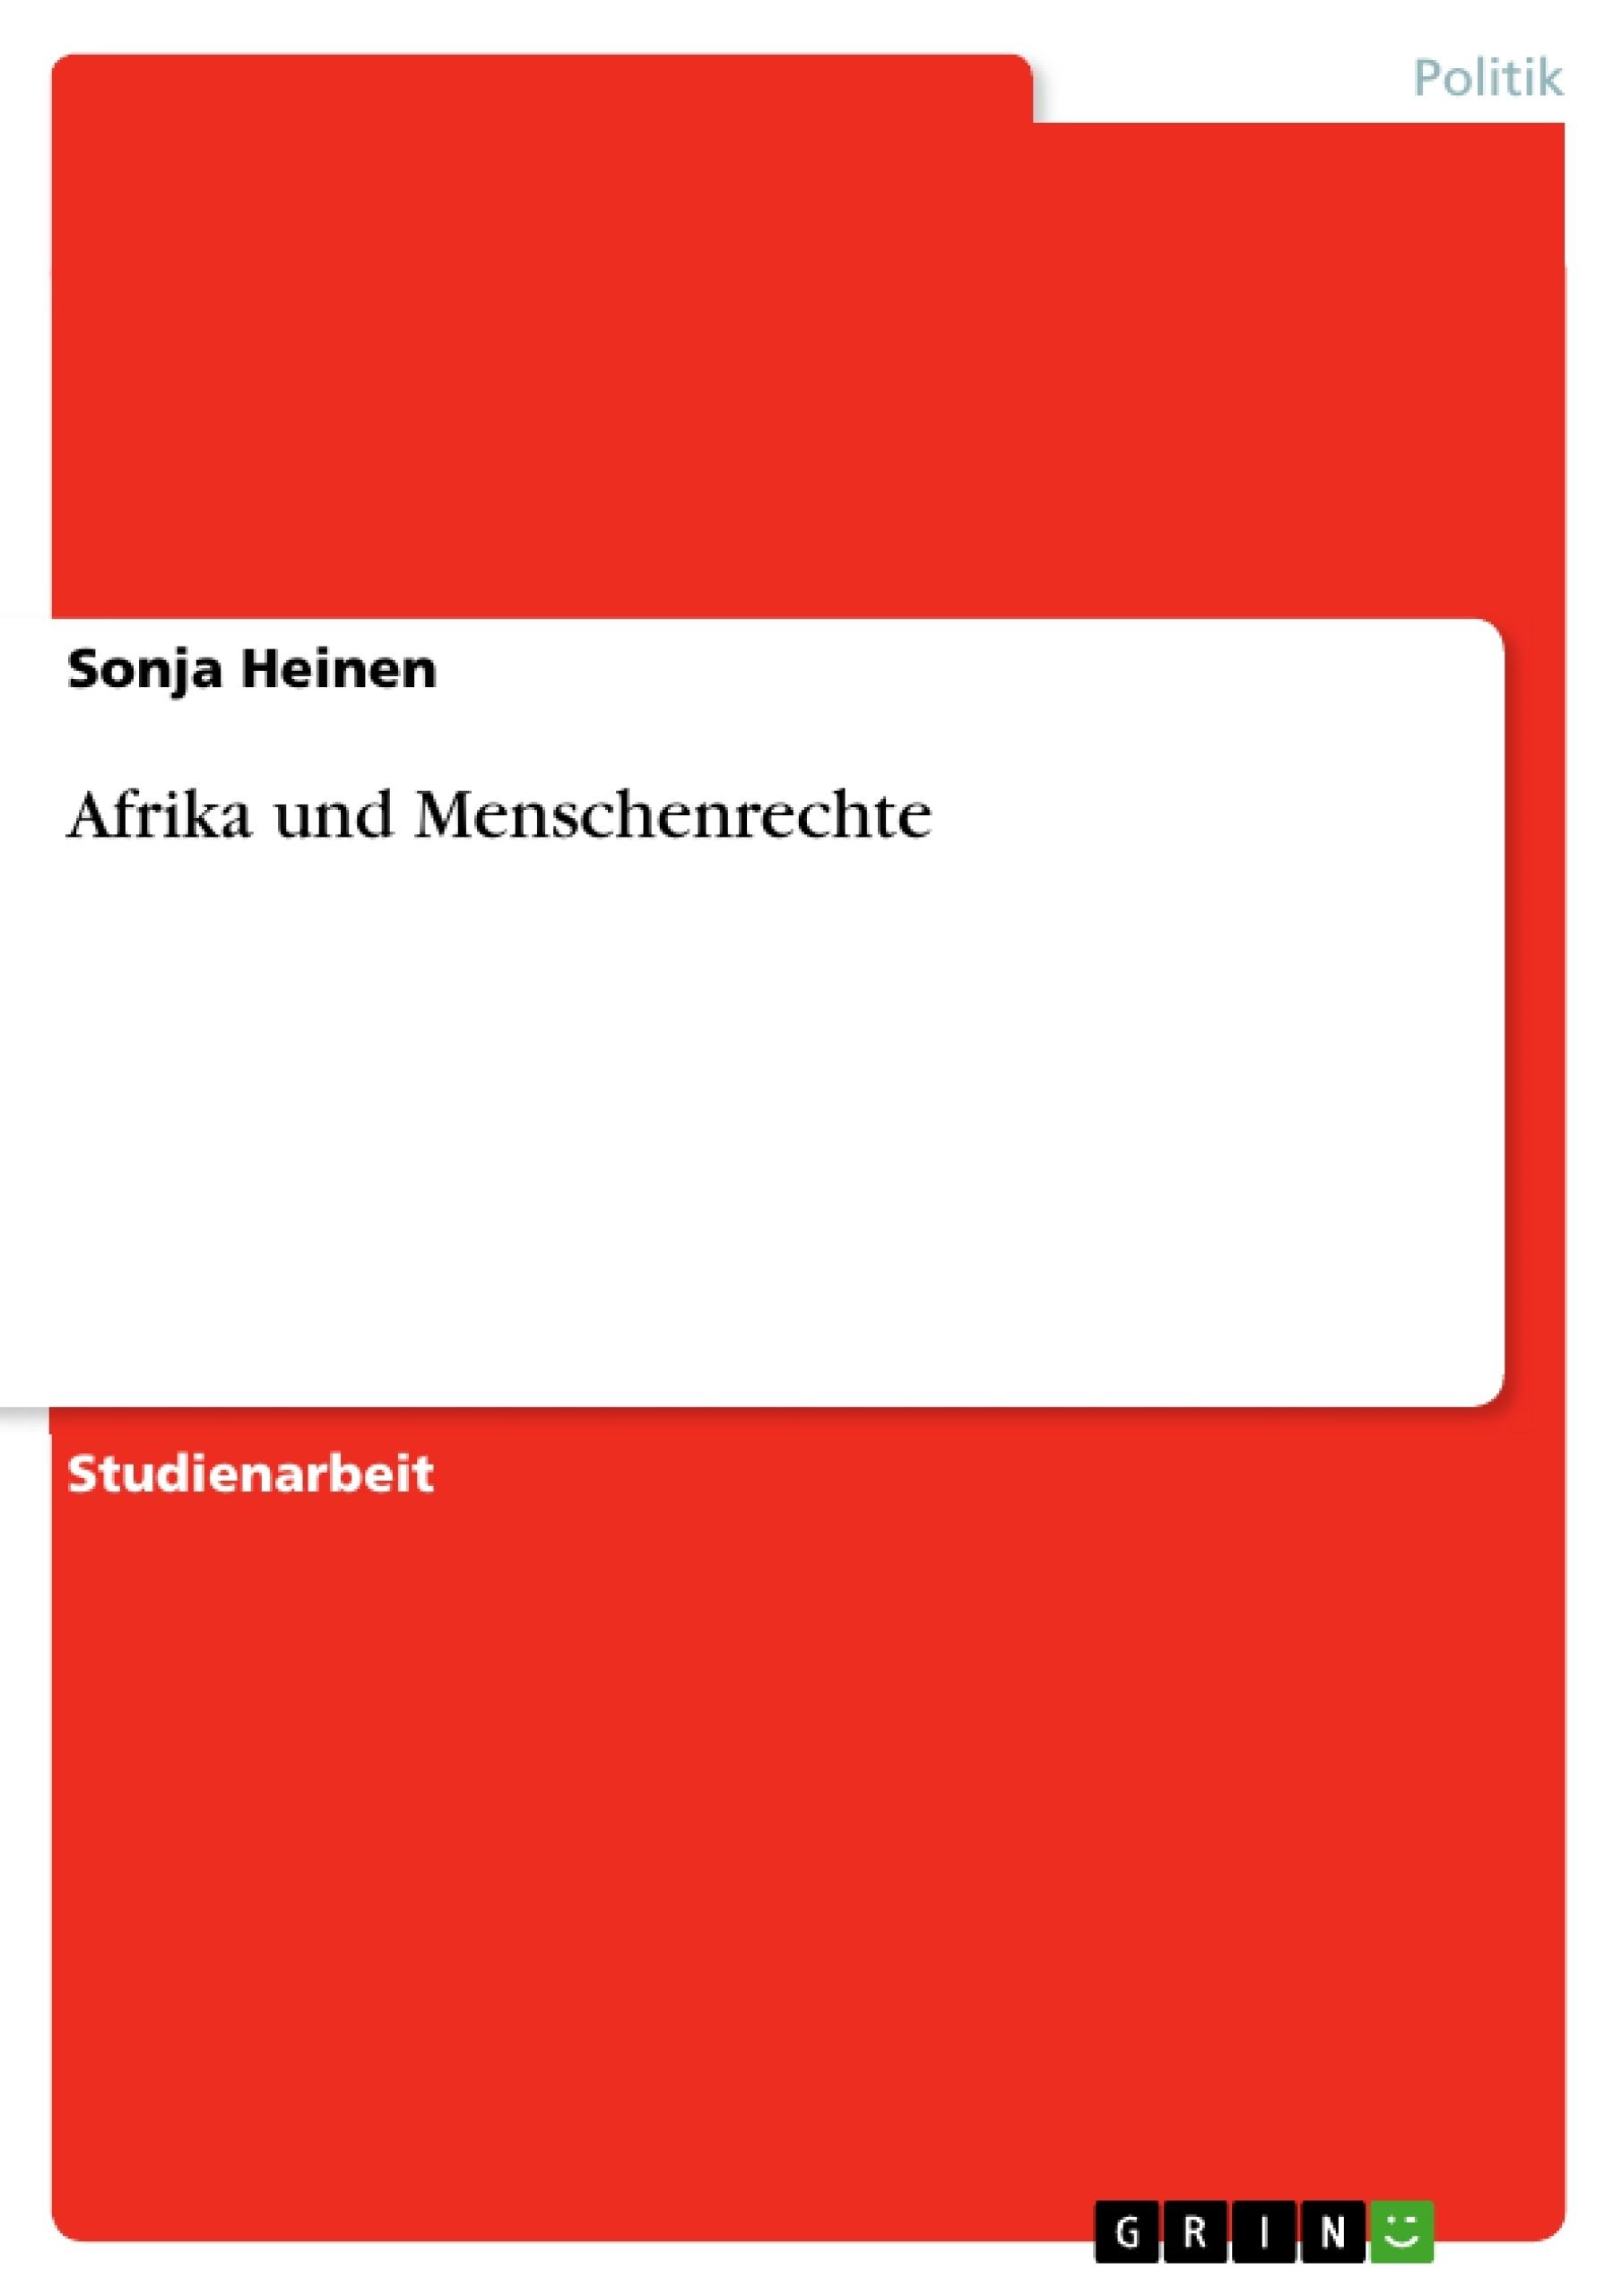 Titel: Afrika und Menschenrechte